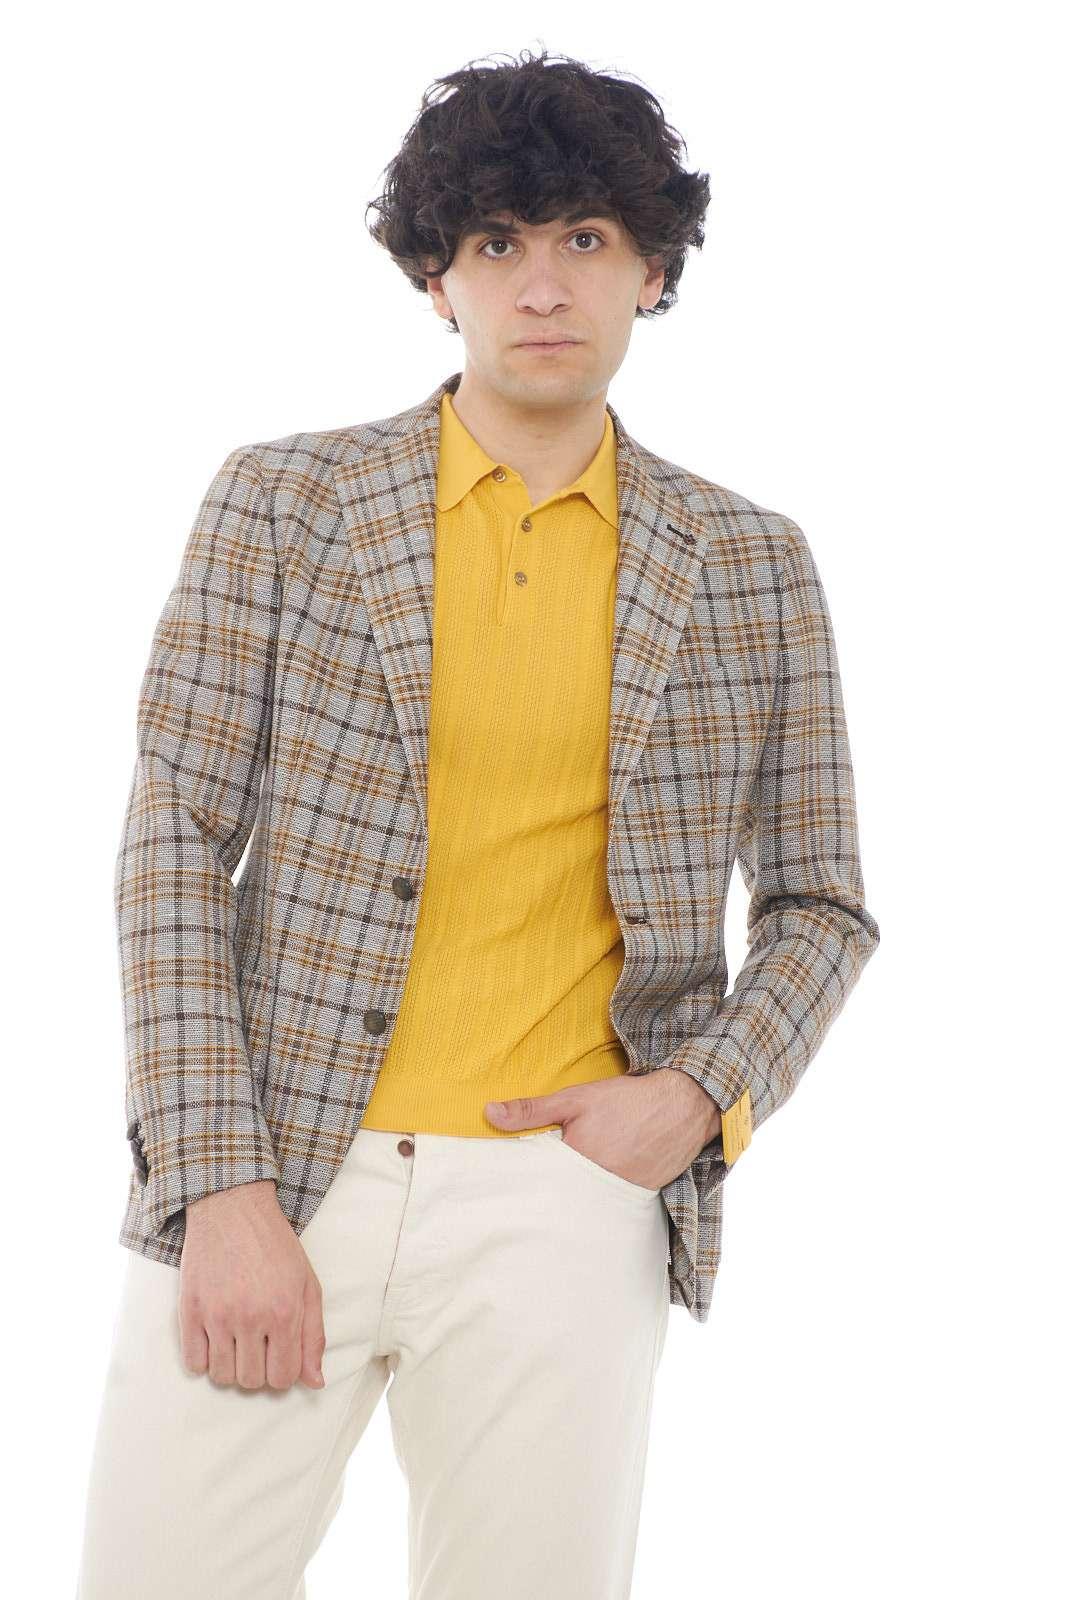 Una giacca per l'uomo che ama le garanzie di classe e formalità, con la firma esclusiva di Tagliatore. Ideale per cerimonie, o eventi importanti, dove indossata indifferentemente sopra una camicia, o una t shirt, assicurerà uno stile contemporaneo ed elegante. Un capo per le occasioni più speciali.